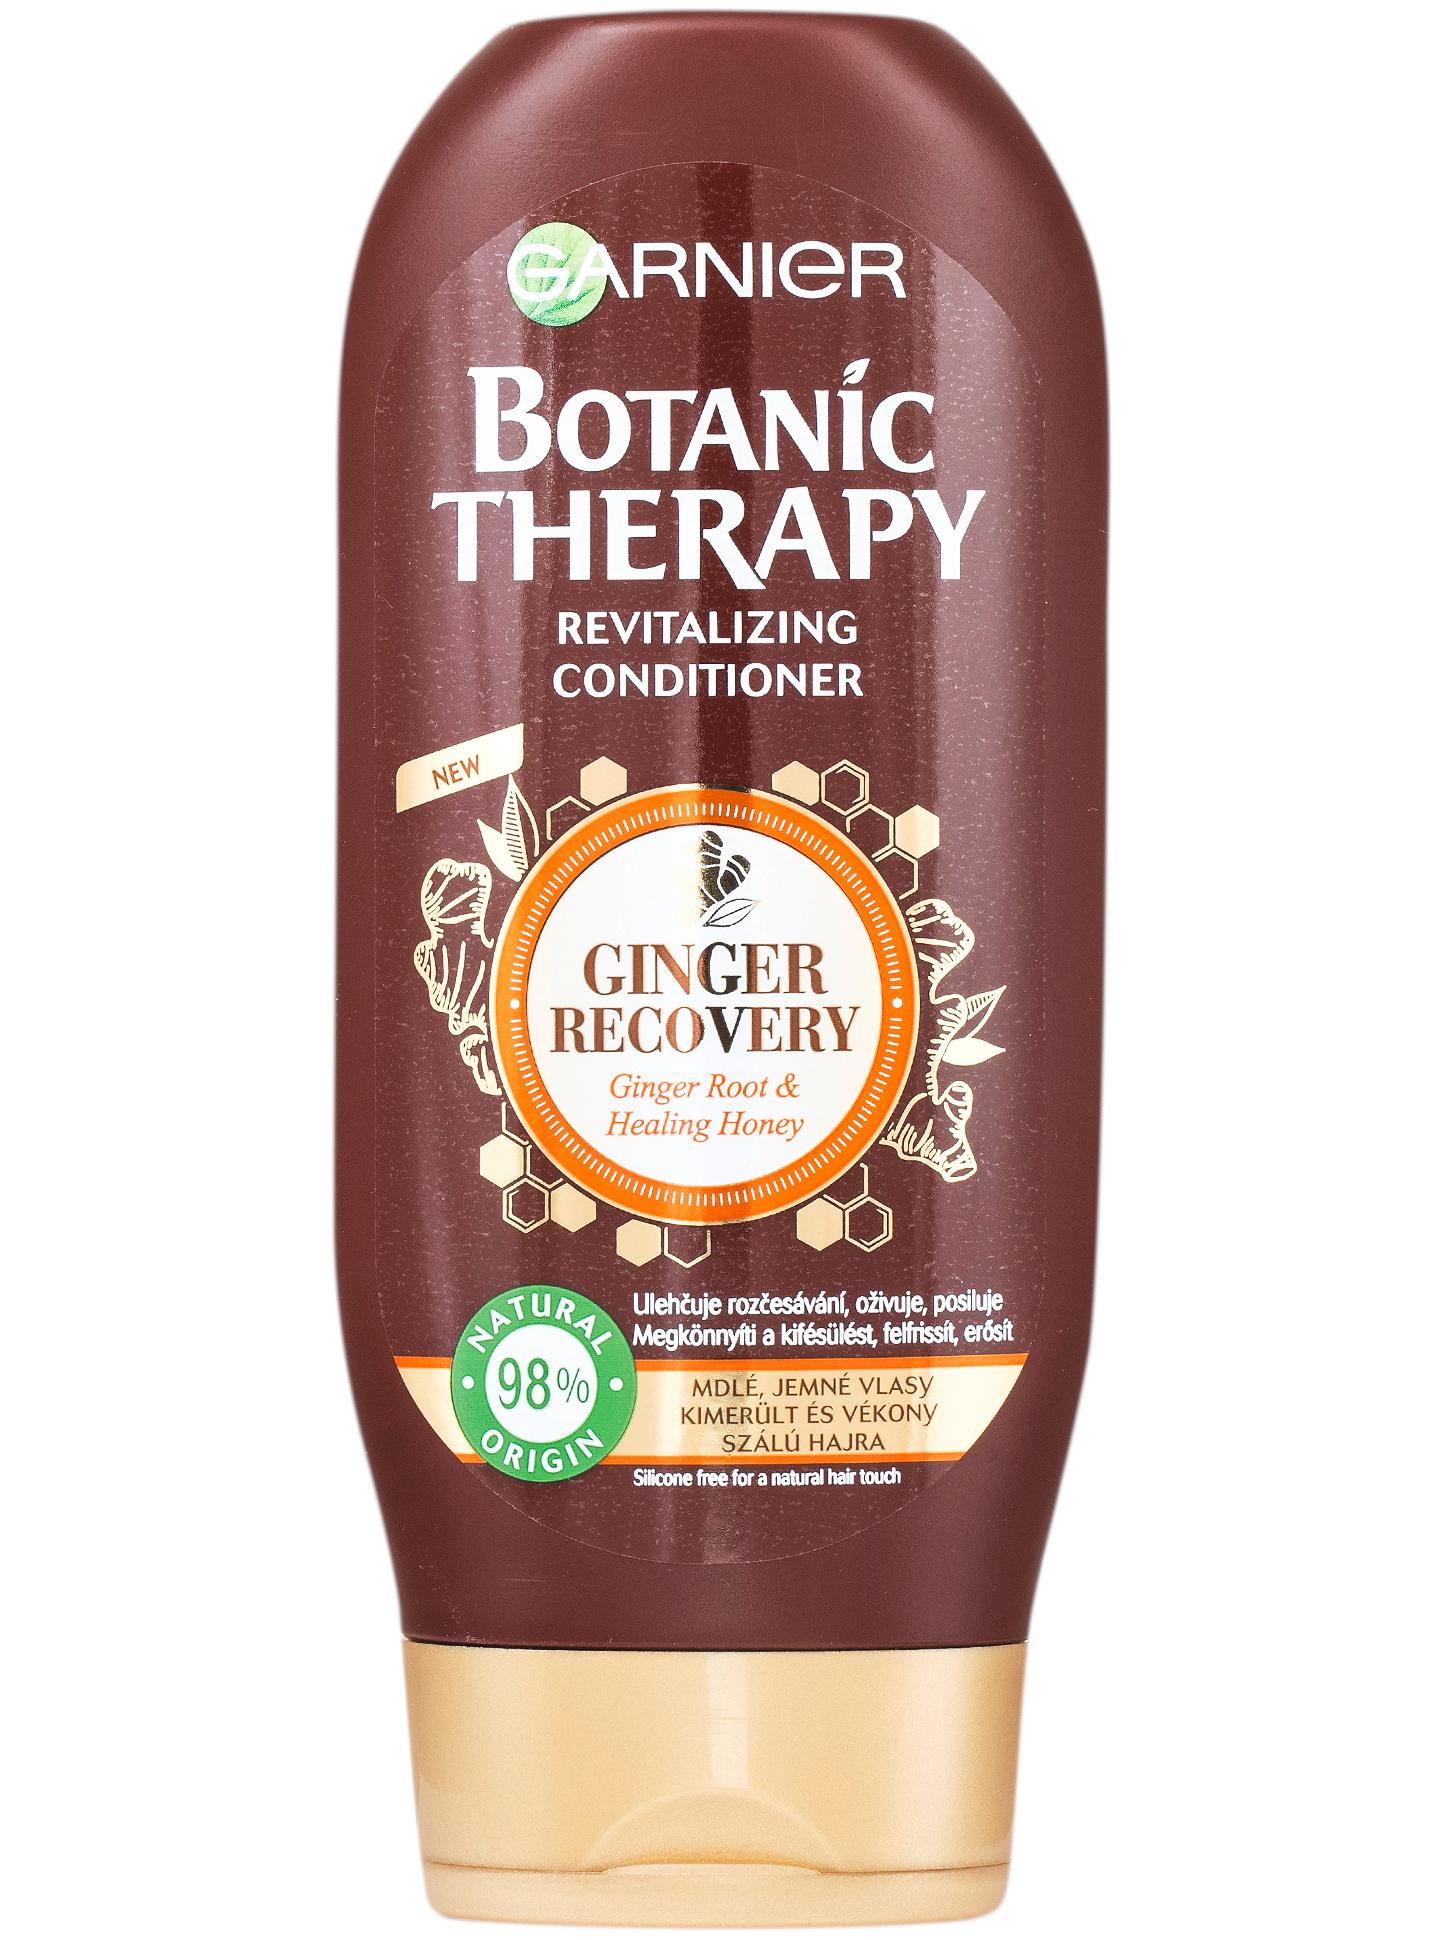 Revitalizační péče pro jemné vlasy Garnier Botanic Therapy Ginger Recovery - 200 ml